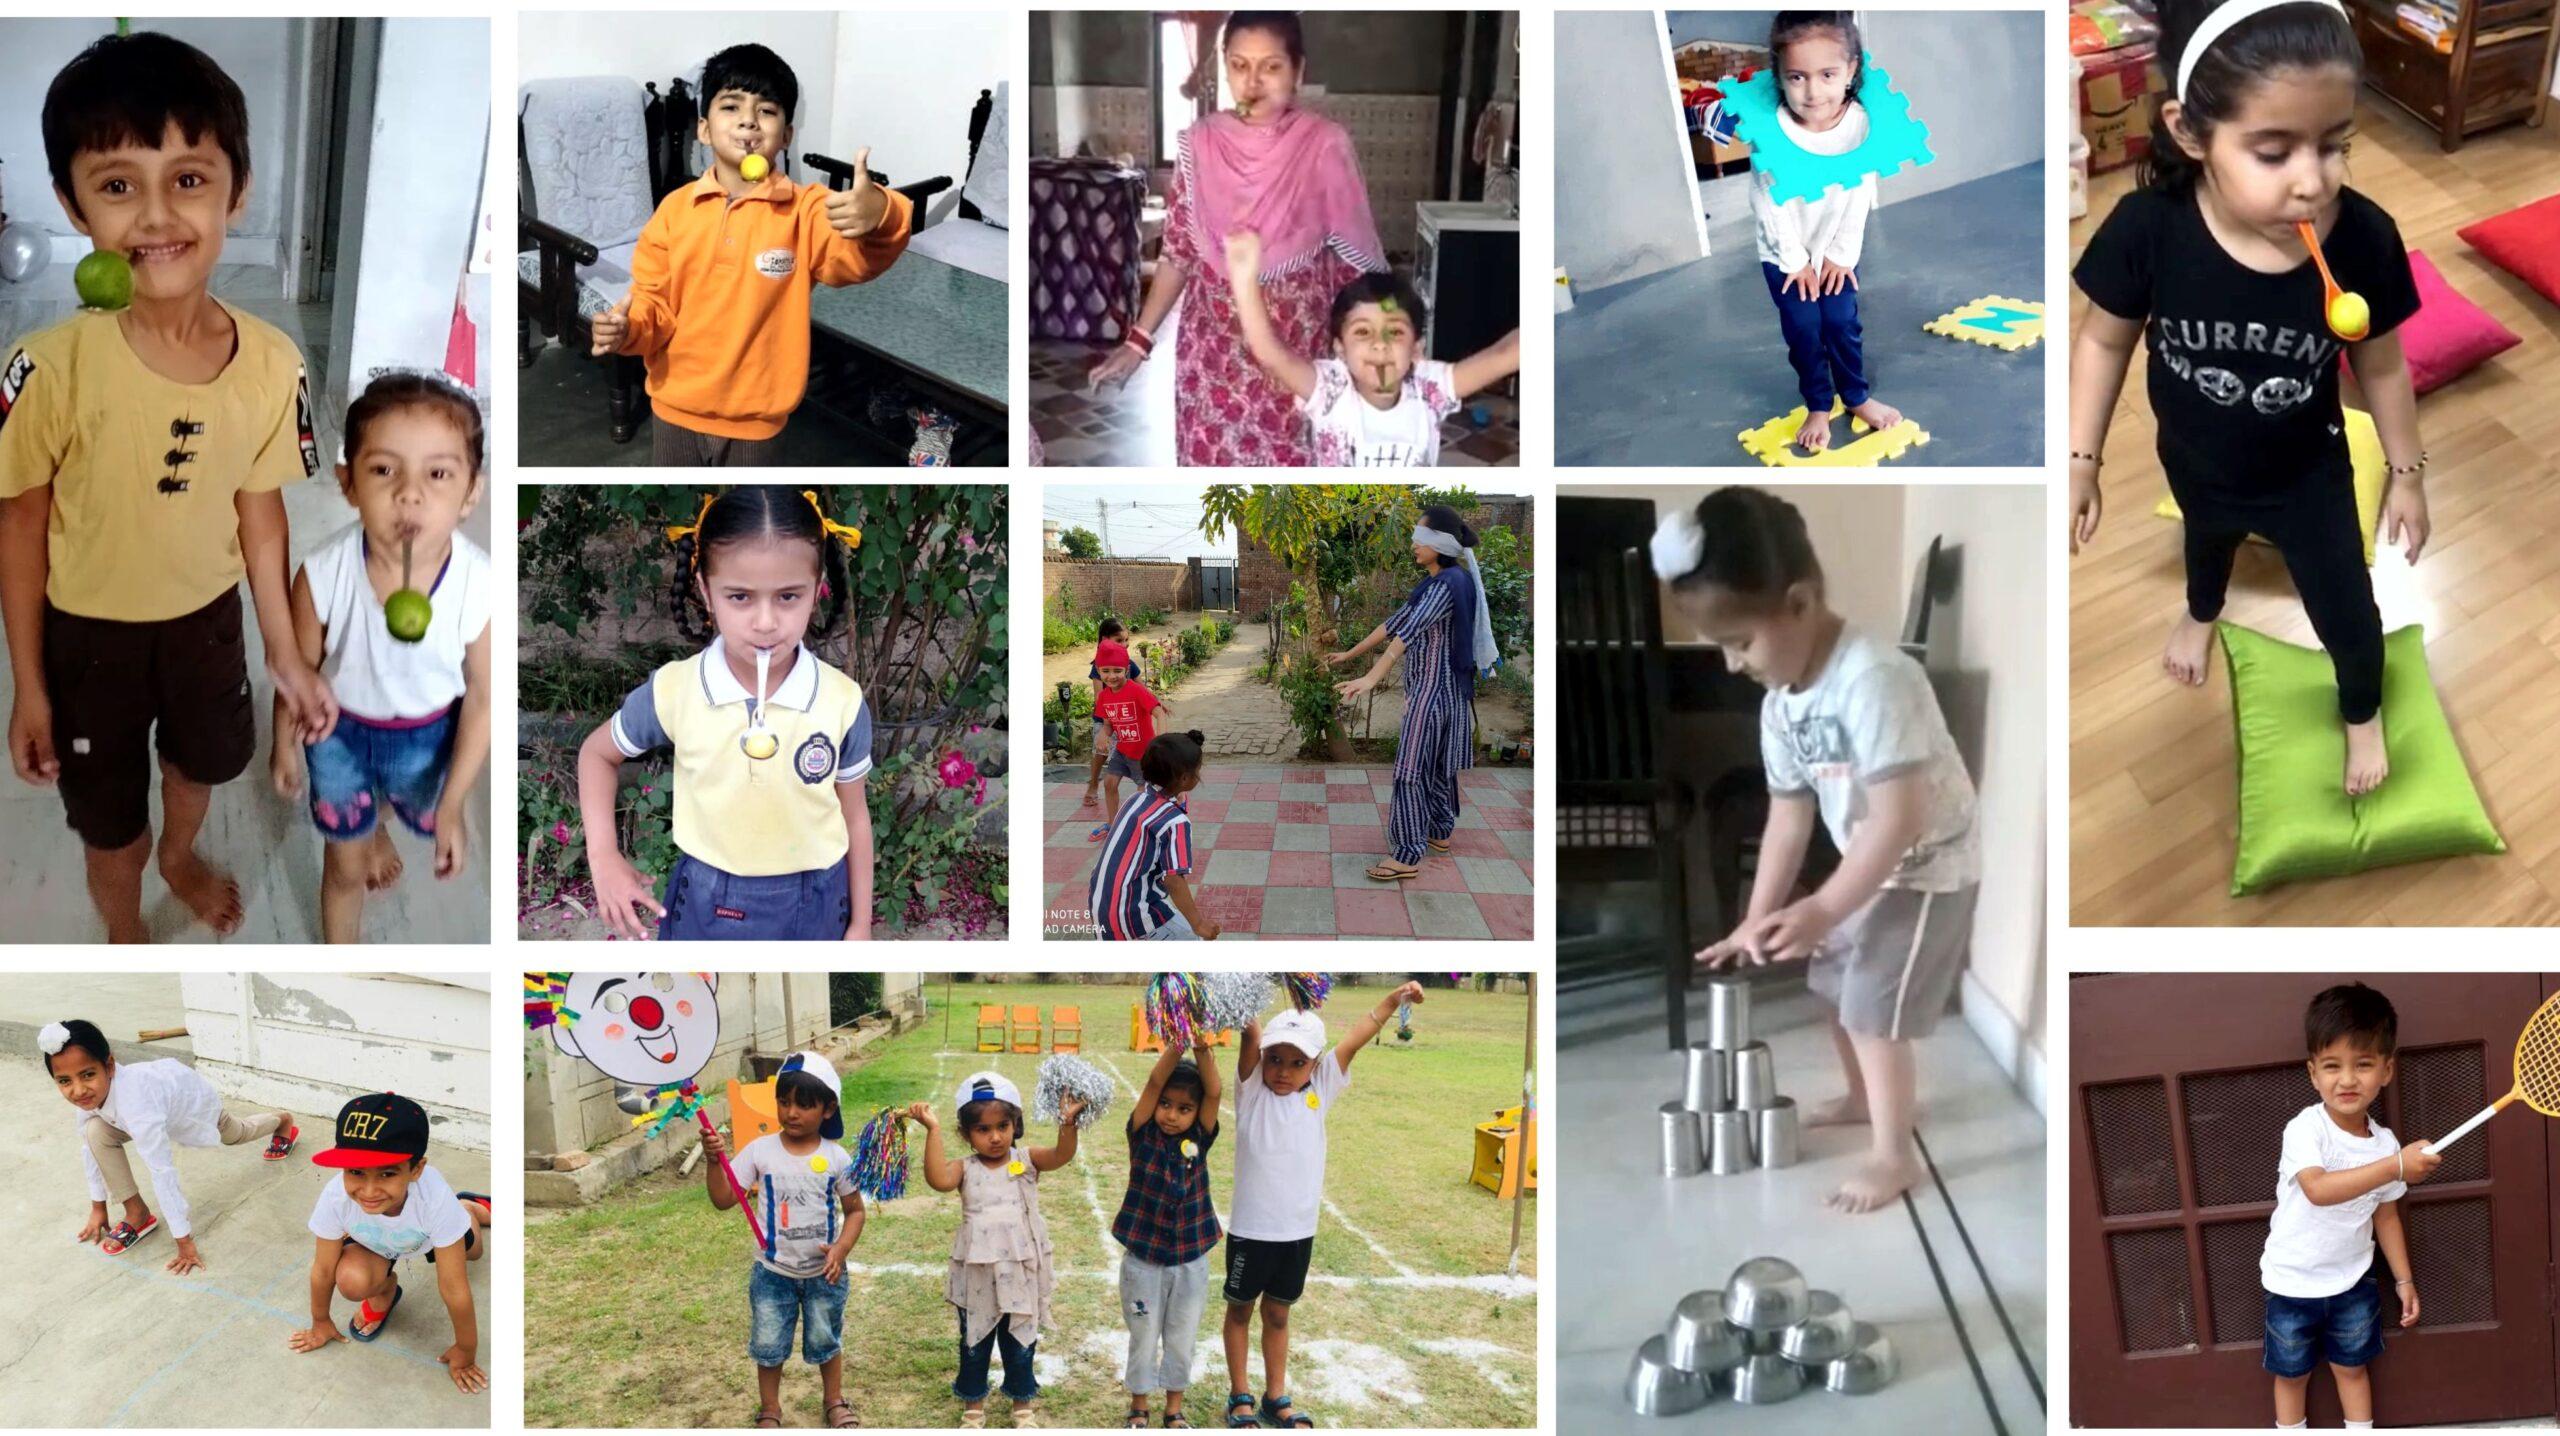 खेलने से बच्चों के मस्तिष्क का होता है संपूर्ण विकास – एम.डी. तरविंदर सिंह